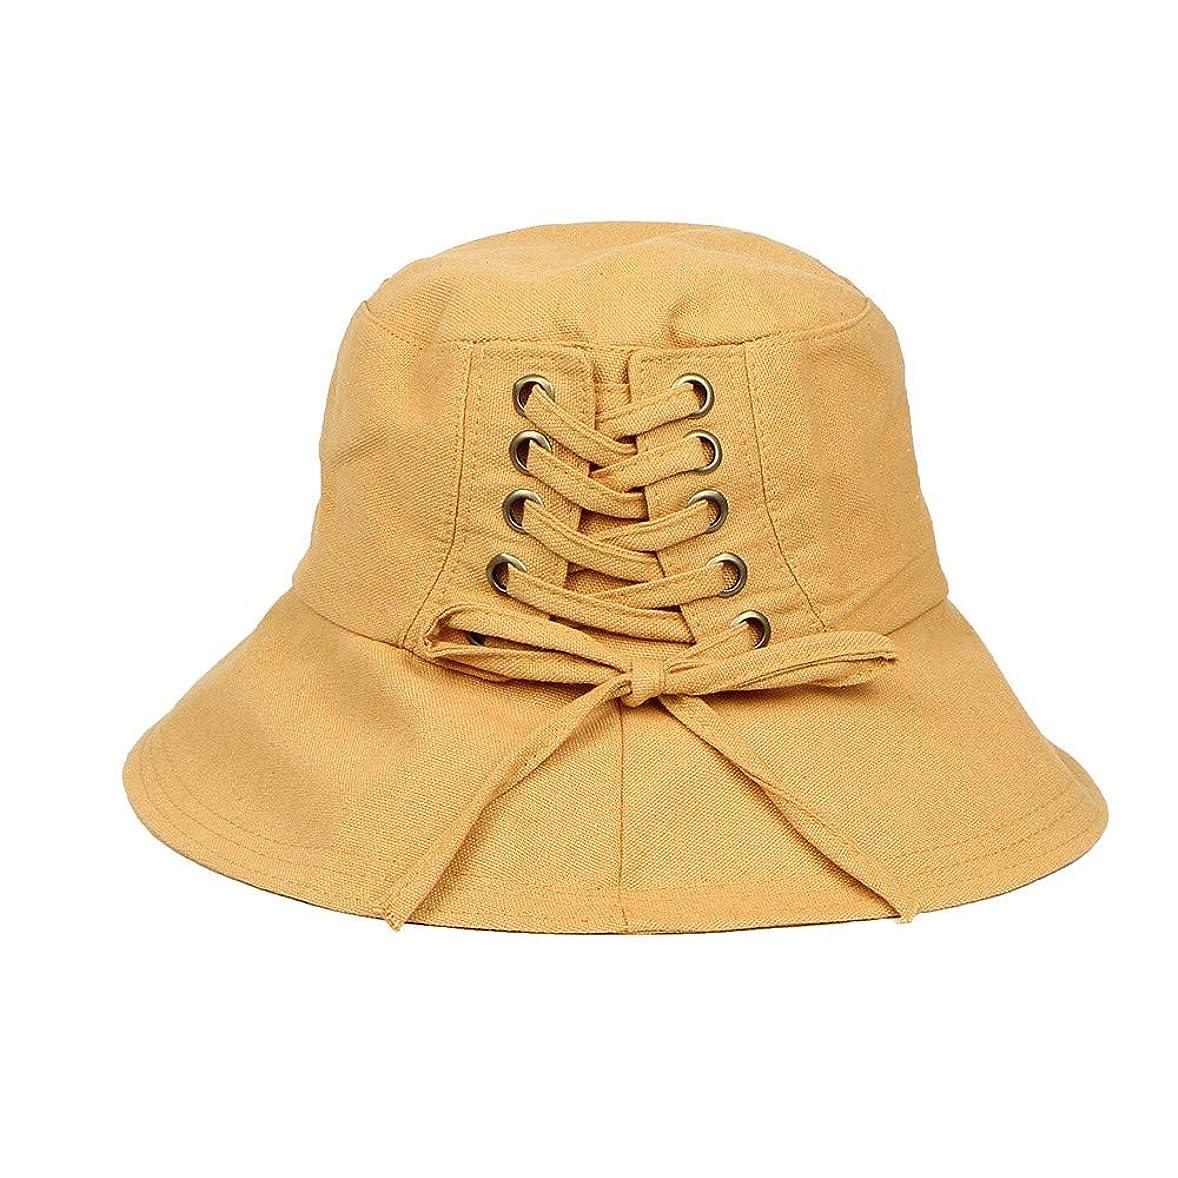 トリップ軽蔑小石ハット レディース バイザー ホルダー 帽子 レディース 夏 女性 ハット UVカット 帽子 日焼け防止 サイズ調節 つば広 uvカット 釣り 旅行 野球 日除け ヘアバンド ベレー帽 帽子 サイズ調整 テープ ROSE ROMAN